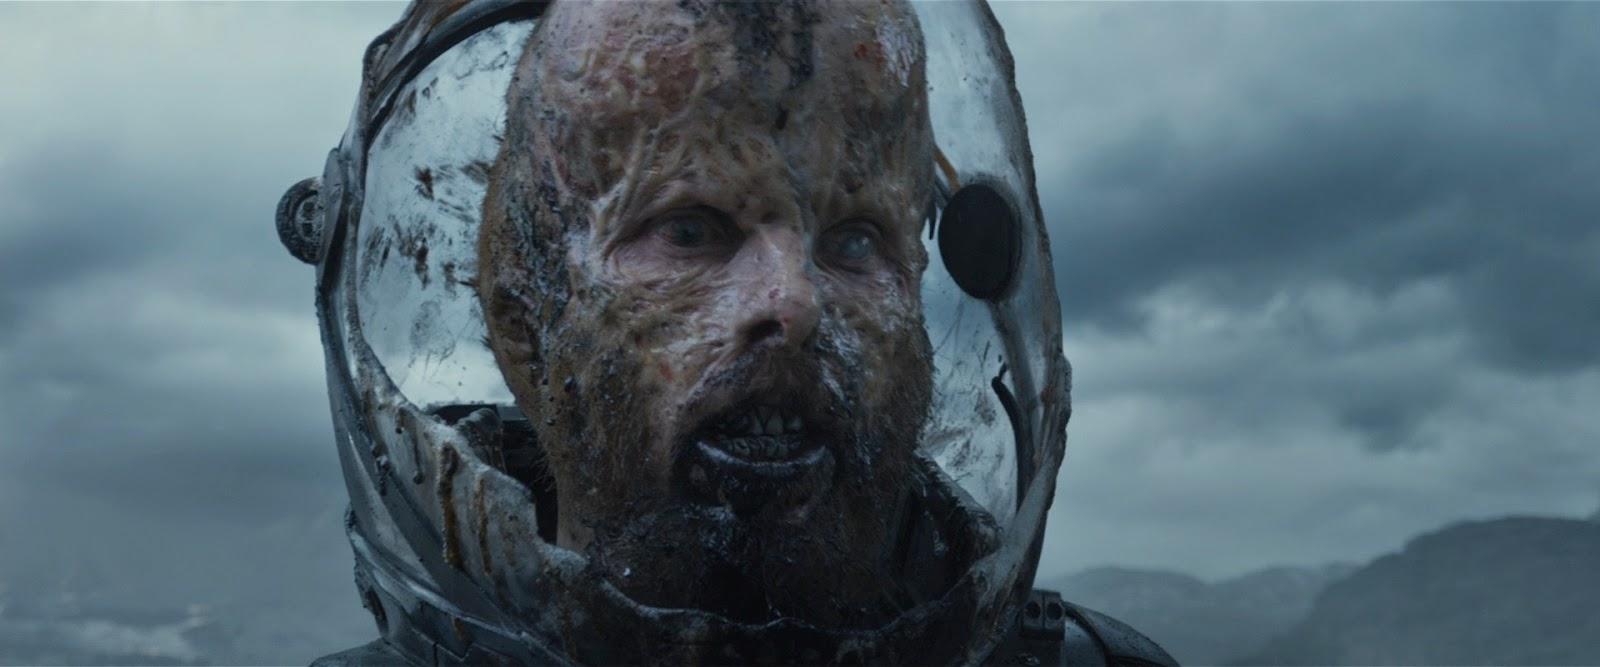 Prometheus (2012) S3 s Prometheus (2012)